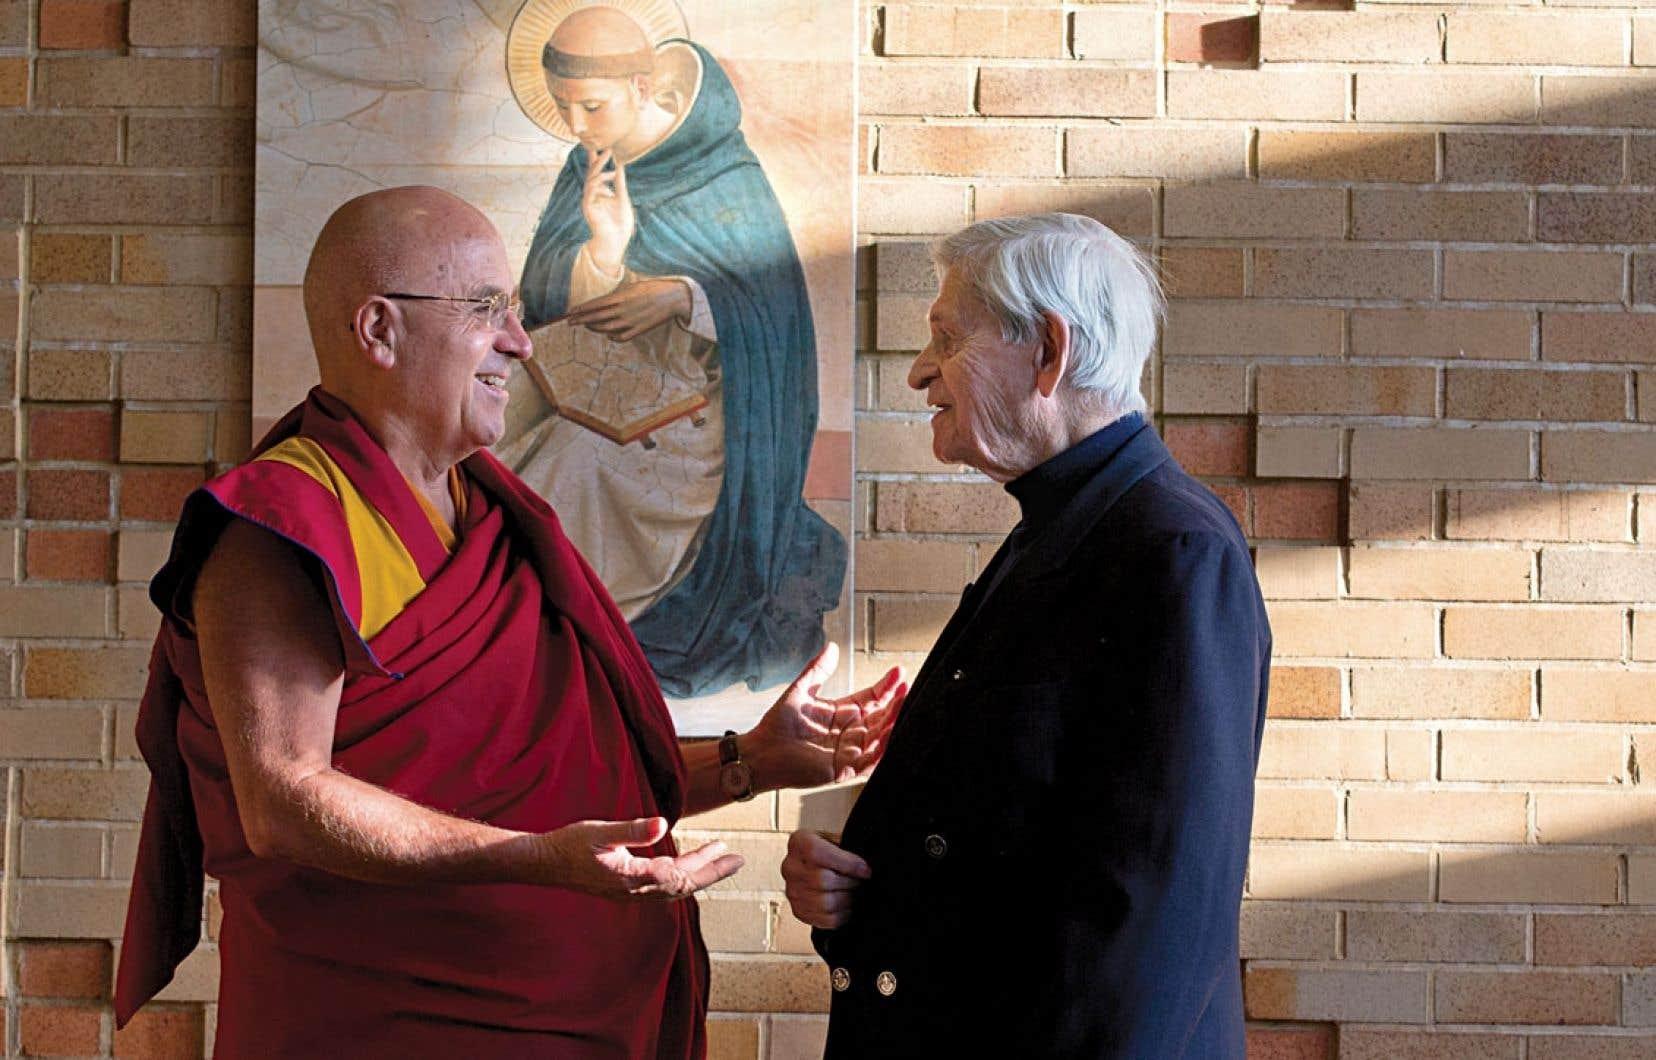 Le moine bouddhiste Matthieu Ricard et le père dominicain Benoît Lacroix : deux hommes de tolérance guidés par la spiritualité et l'altruisme. À une poignée de main du dalaï-lama.